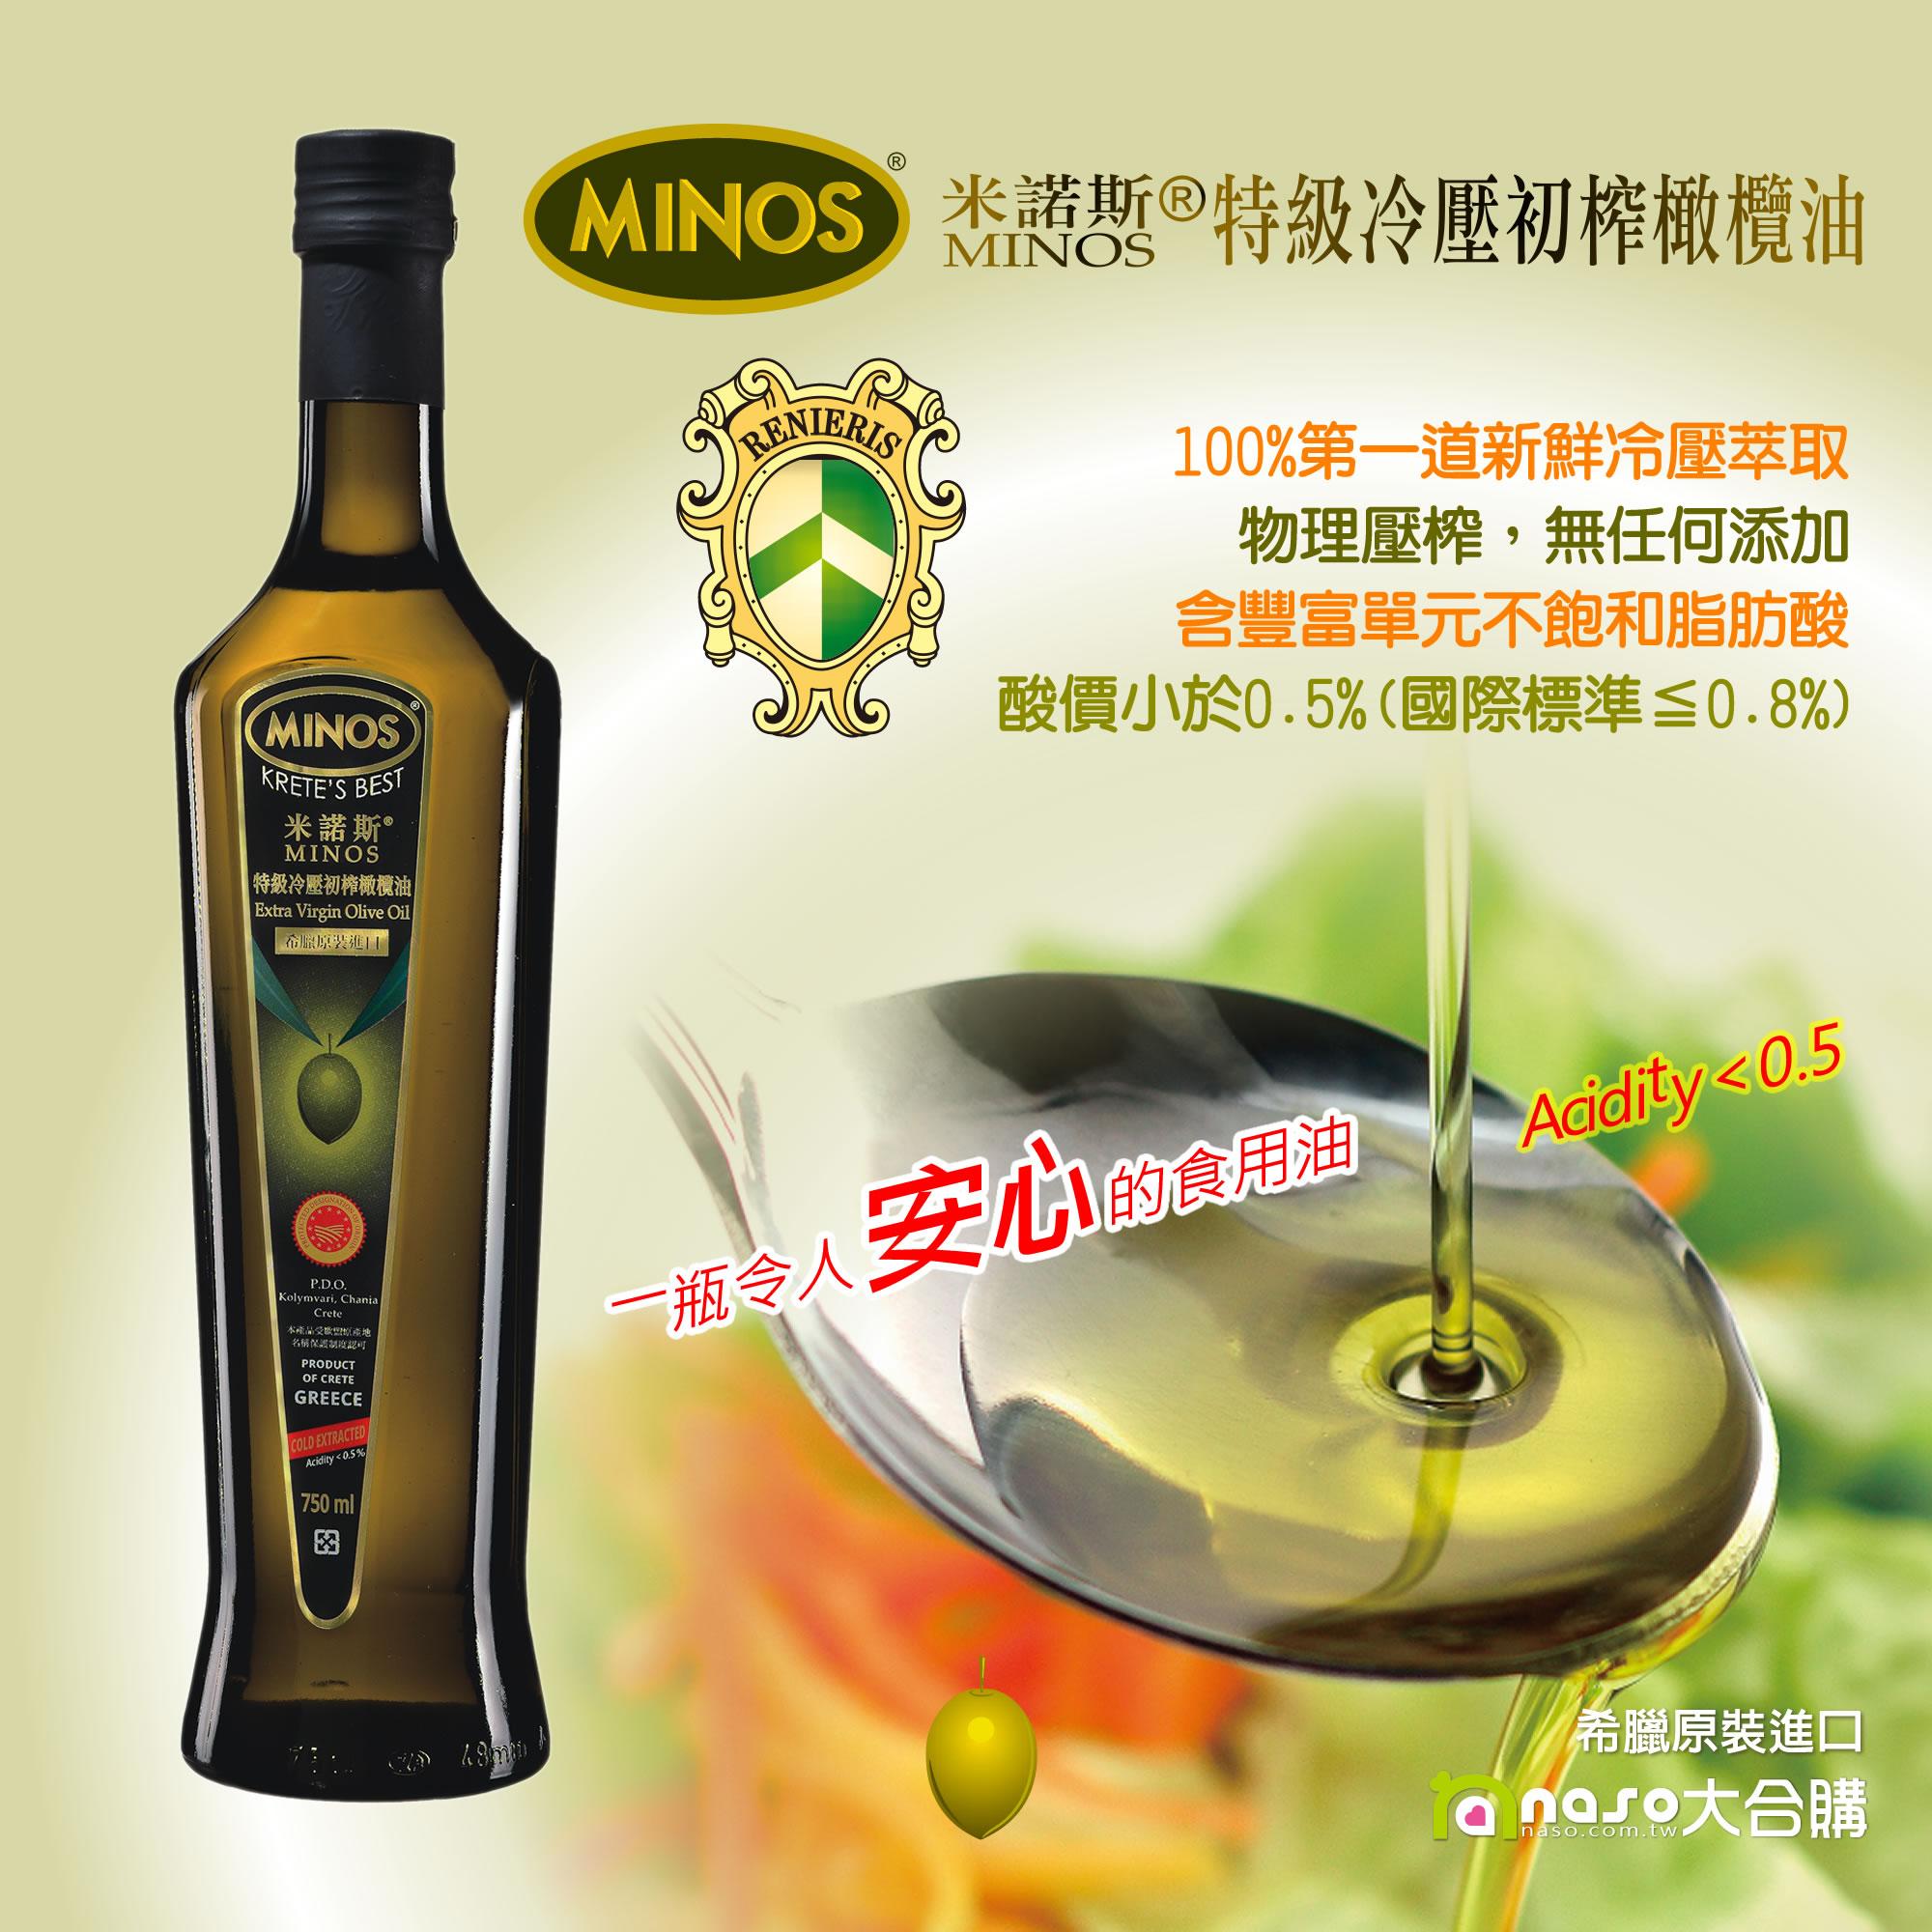 希臘原裝進口-米諾斯MINOS® 特級冷壓 初榨橄欖油 好評第7團